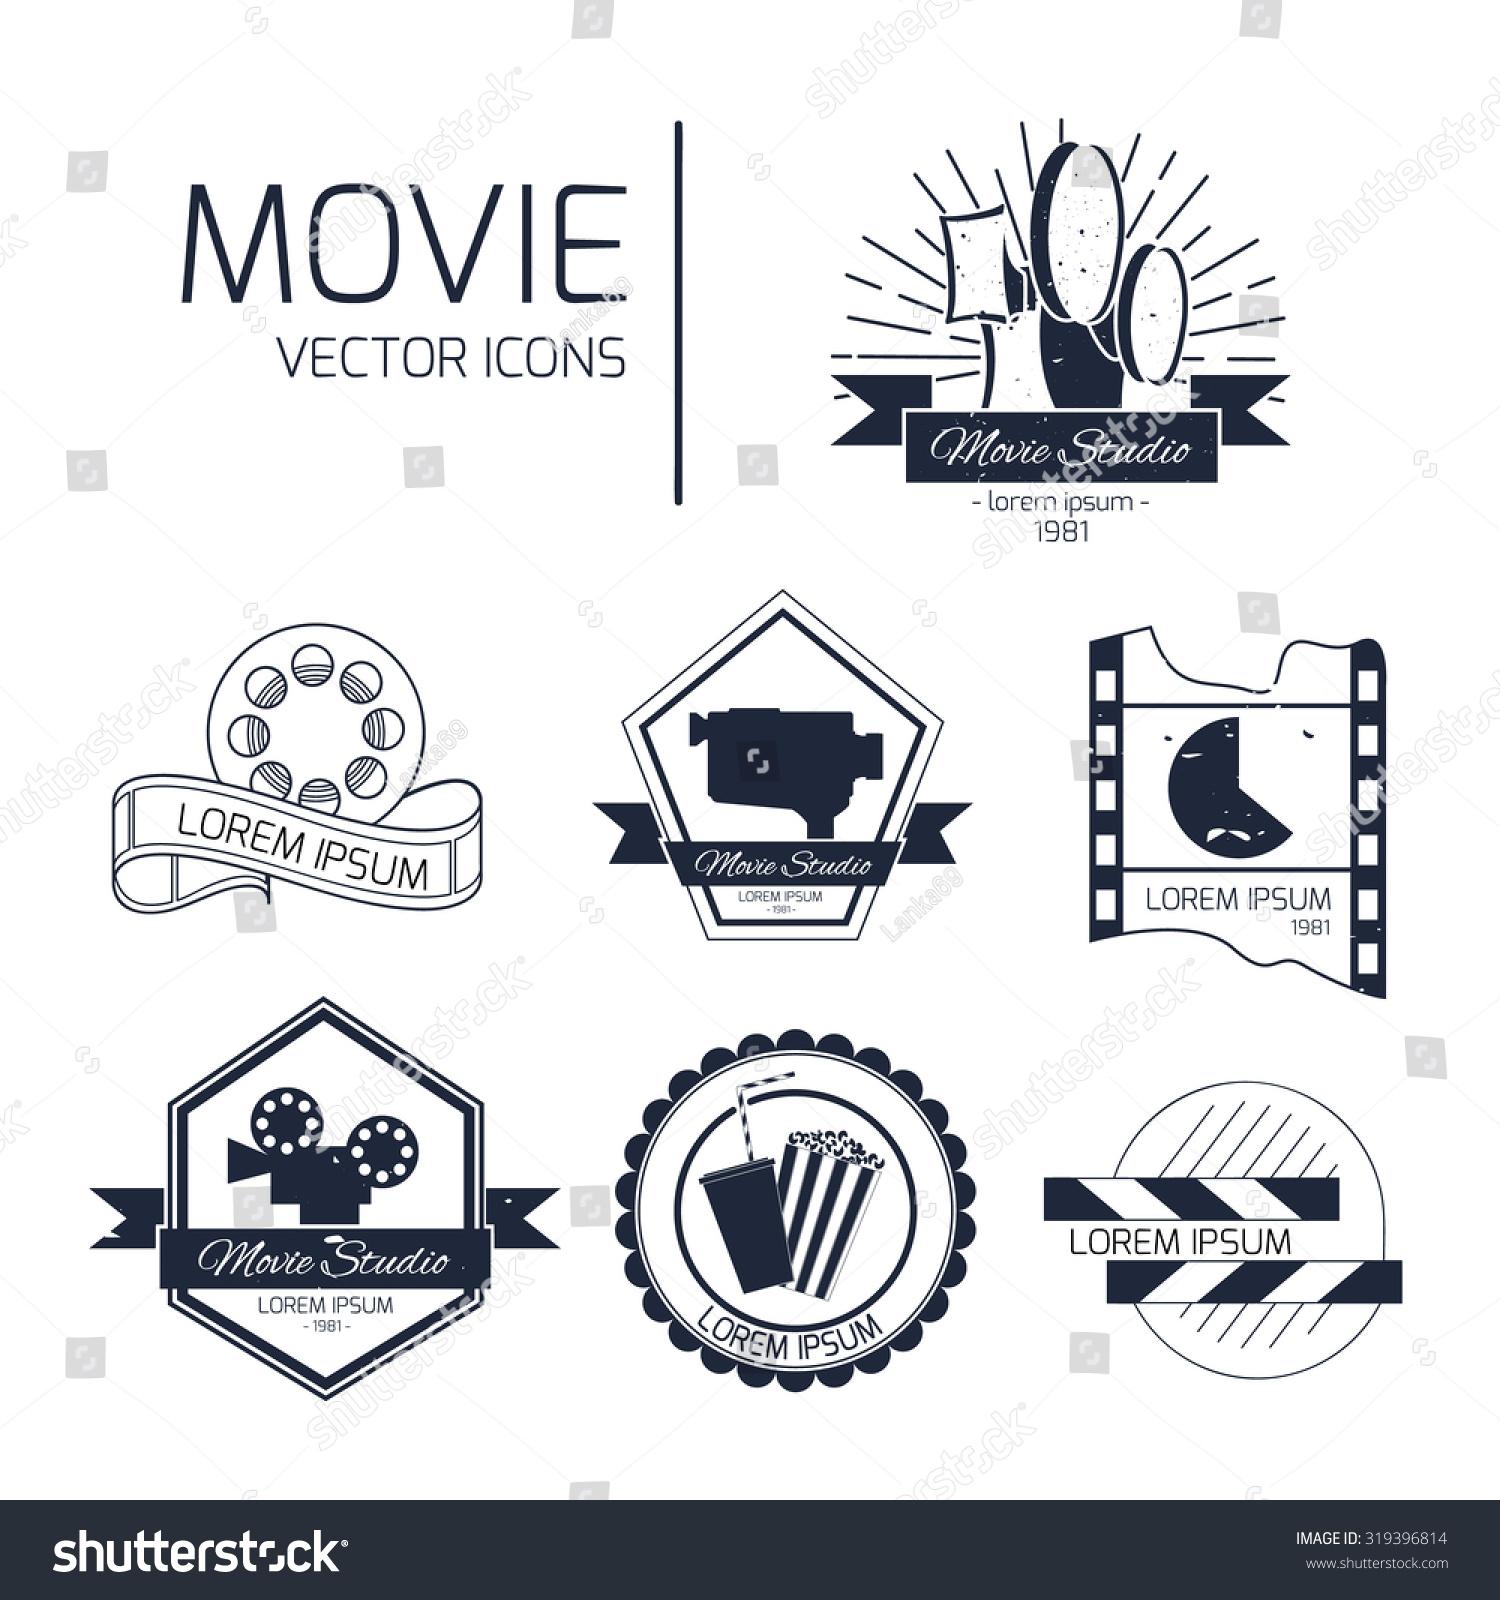 Symbols in the movie crash